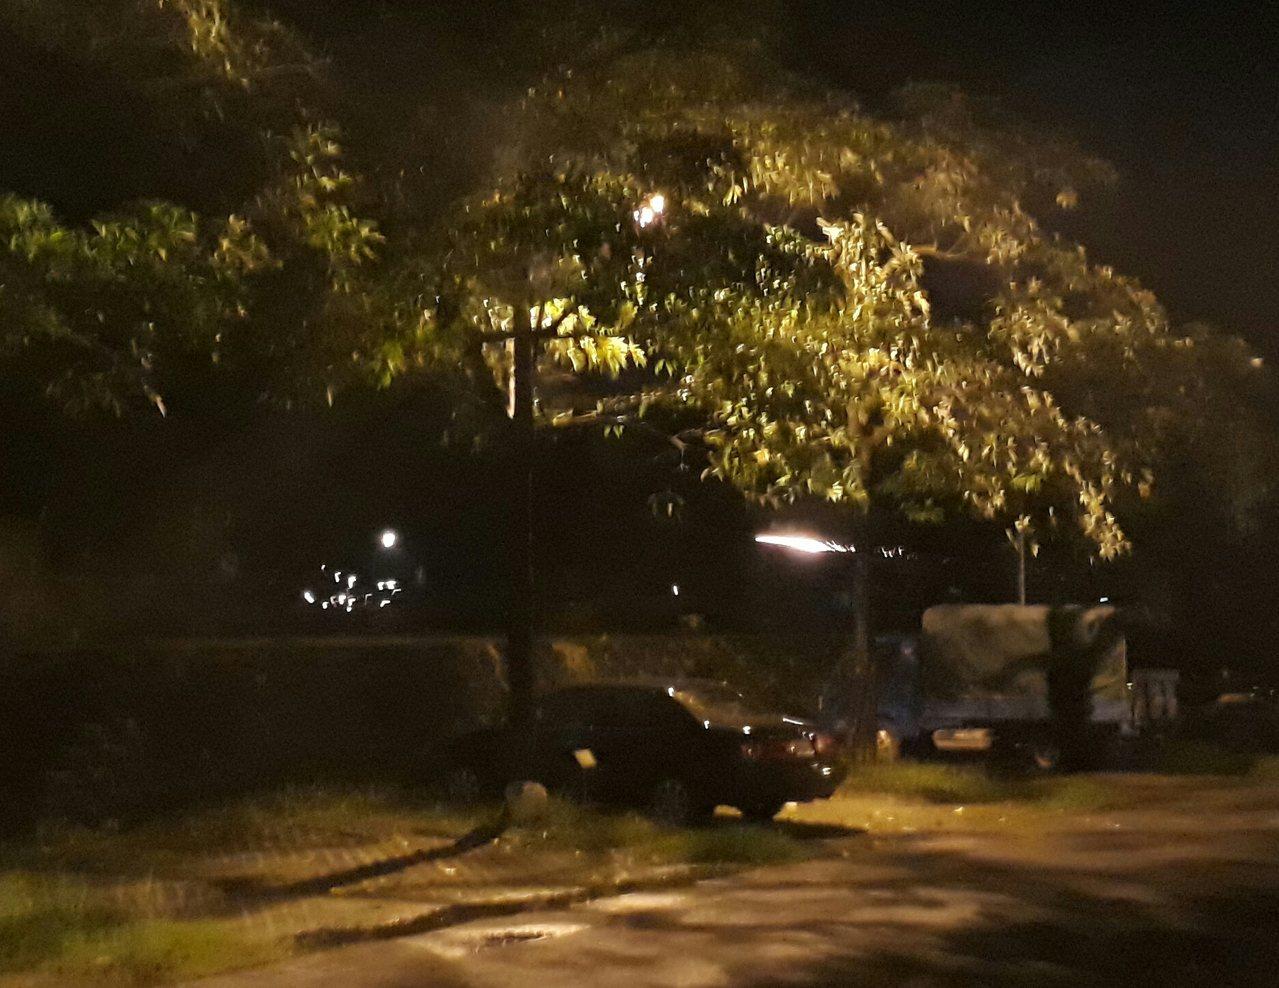 凌晨成群年輕人騎機車隨處放鞭炮、沖天炮朝人射擊。圖/讀者提供